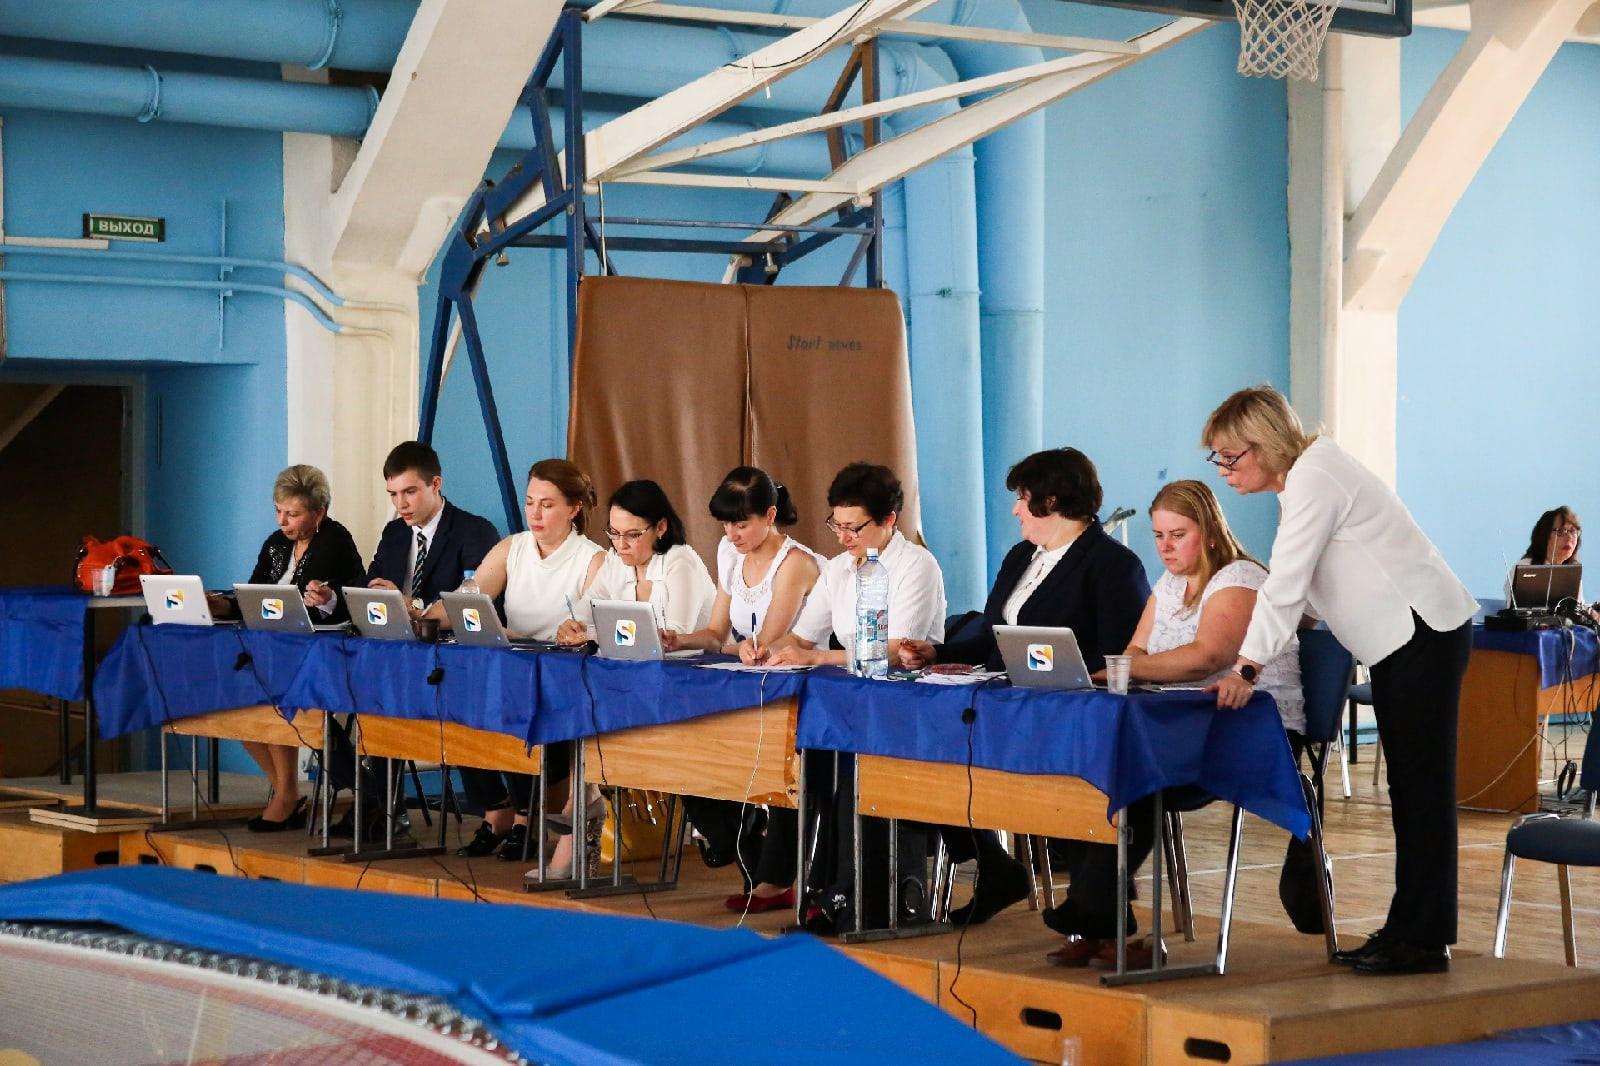 фото Всероссийские соревнования по прыжкам на батуте проходят в Новосибирске 7